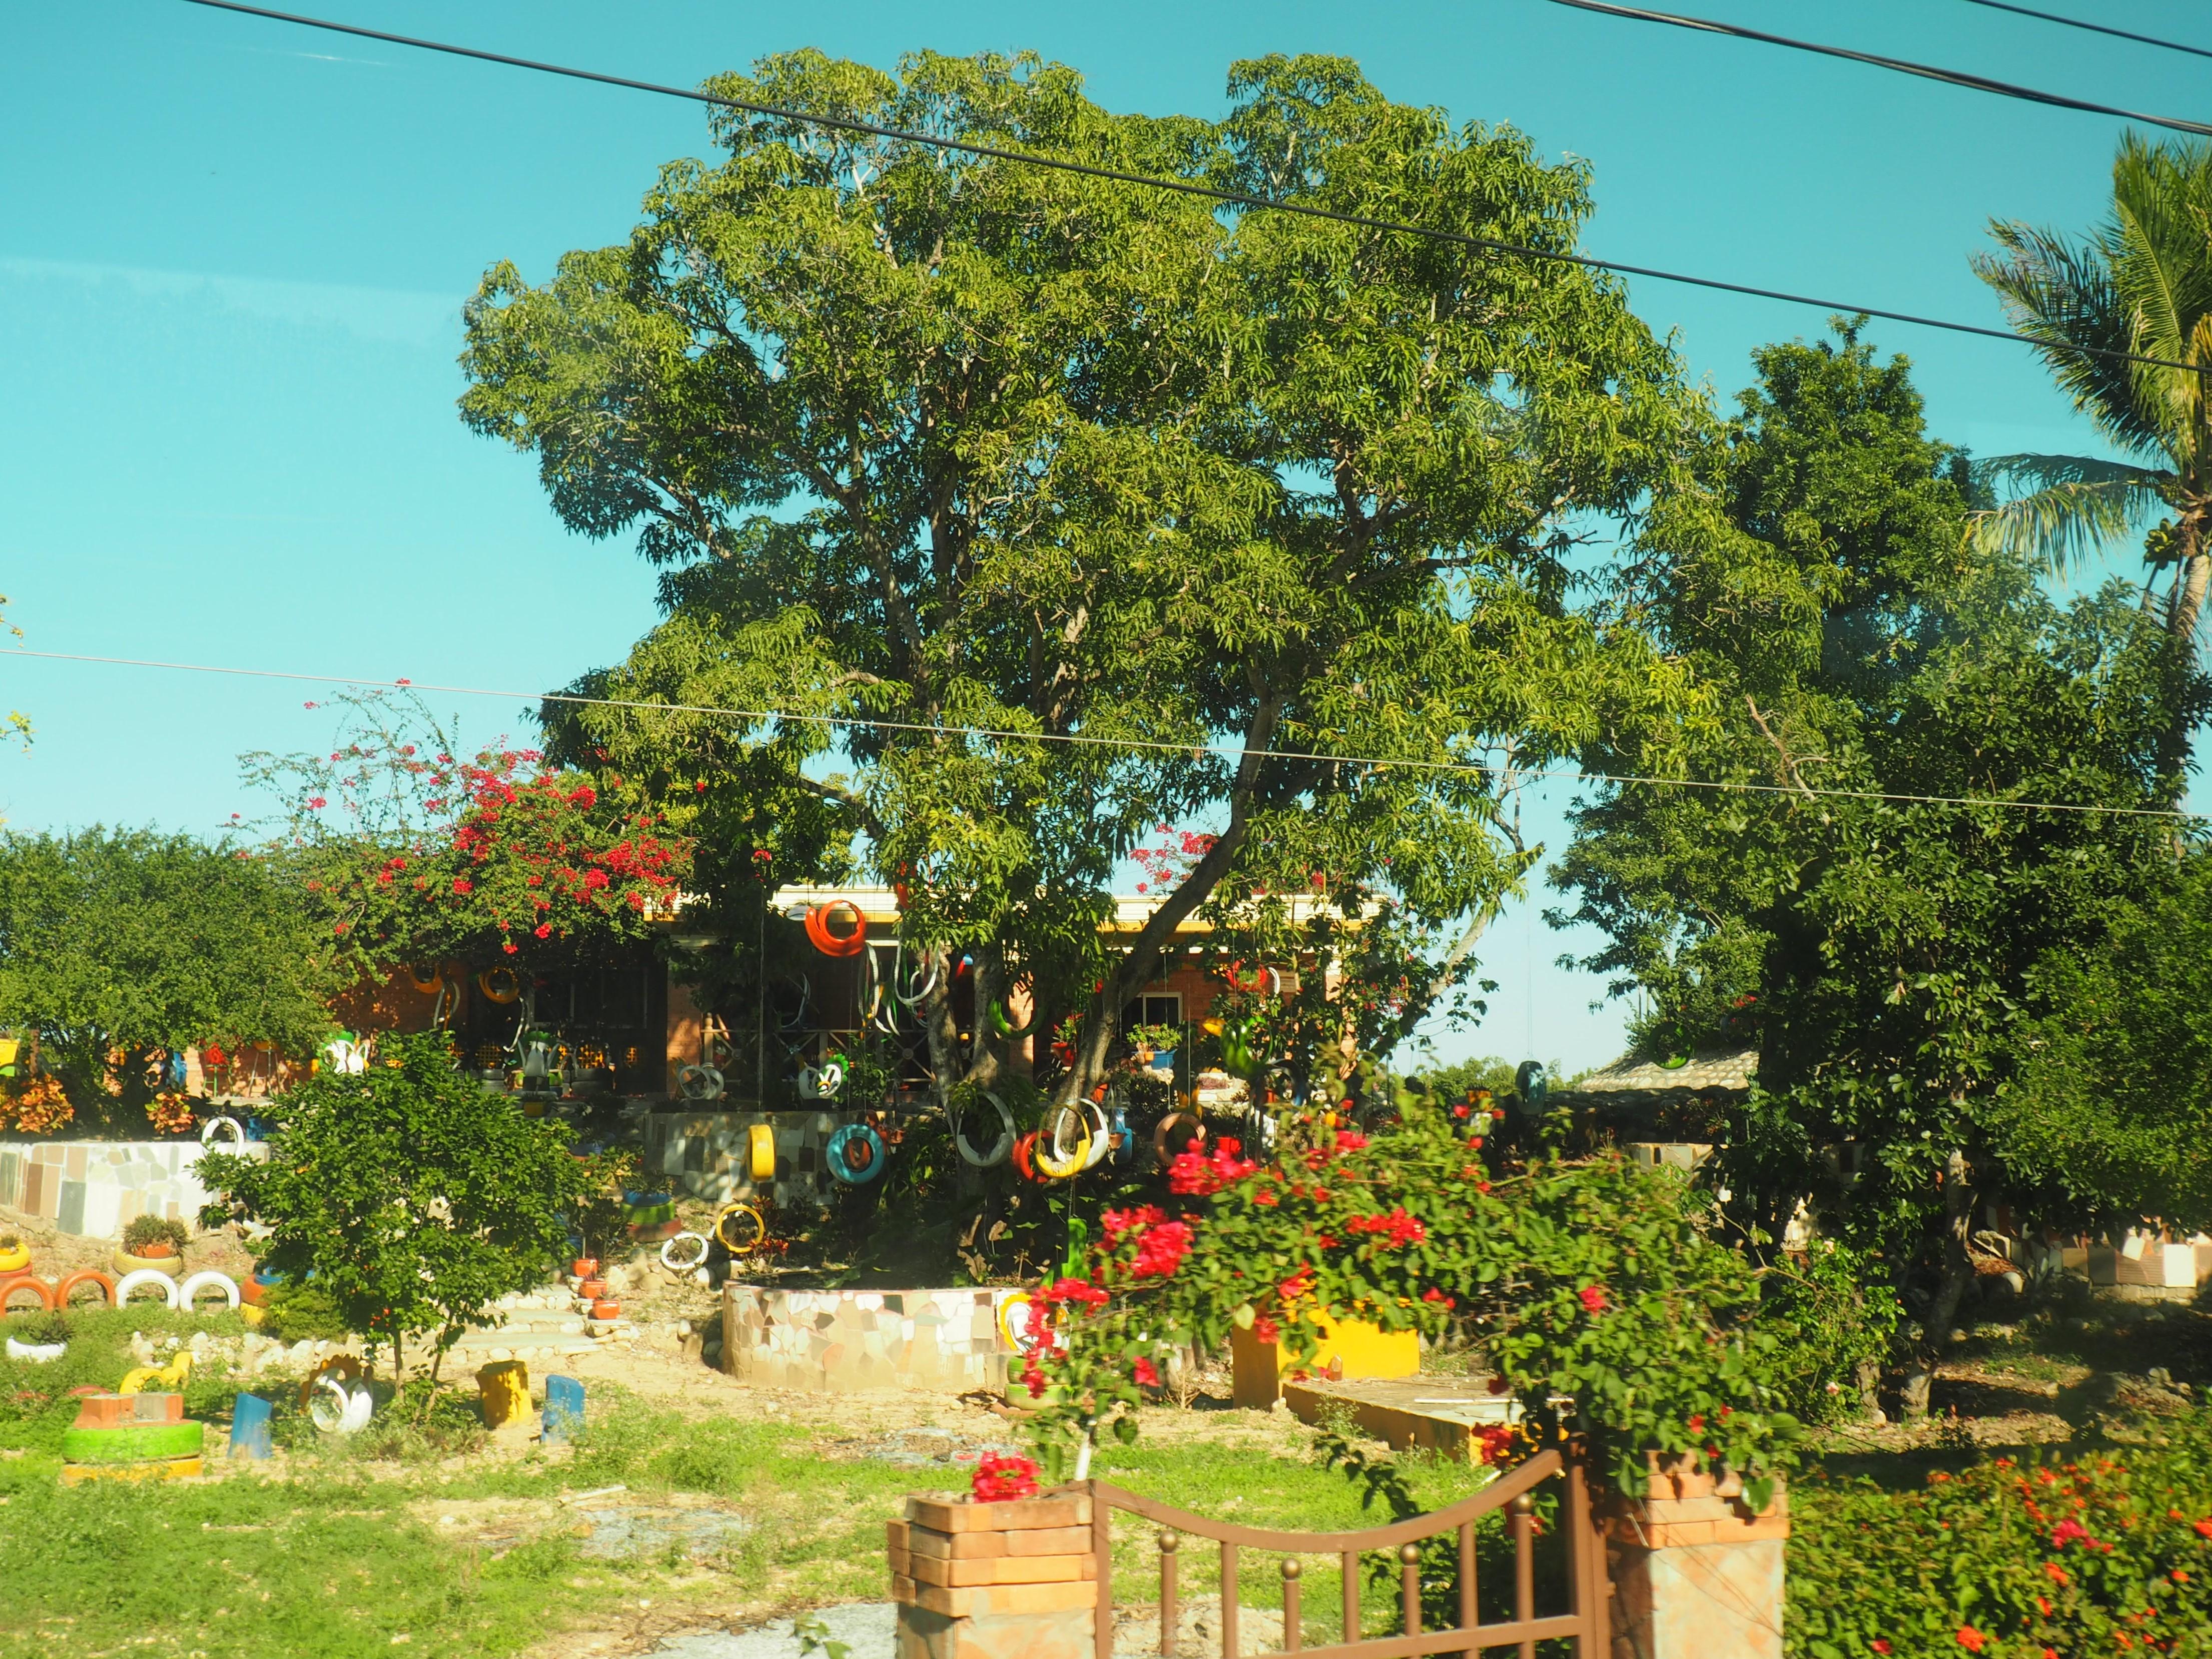 Karibisches Flair bei unserer Fahrt durch das Landesinnere der Dominikanischen Republik, entdeckt beim Ausflug auf eigene Faust